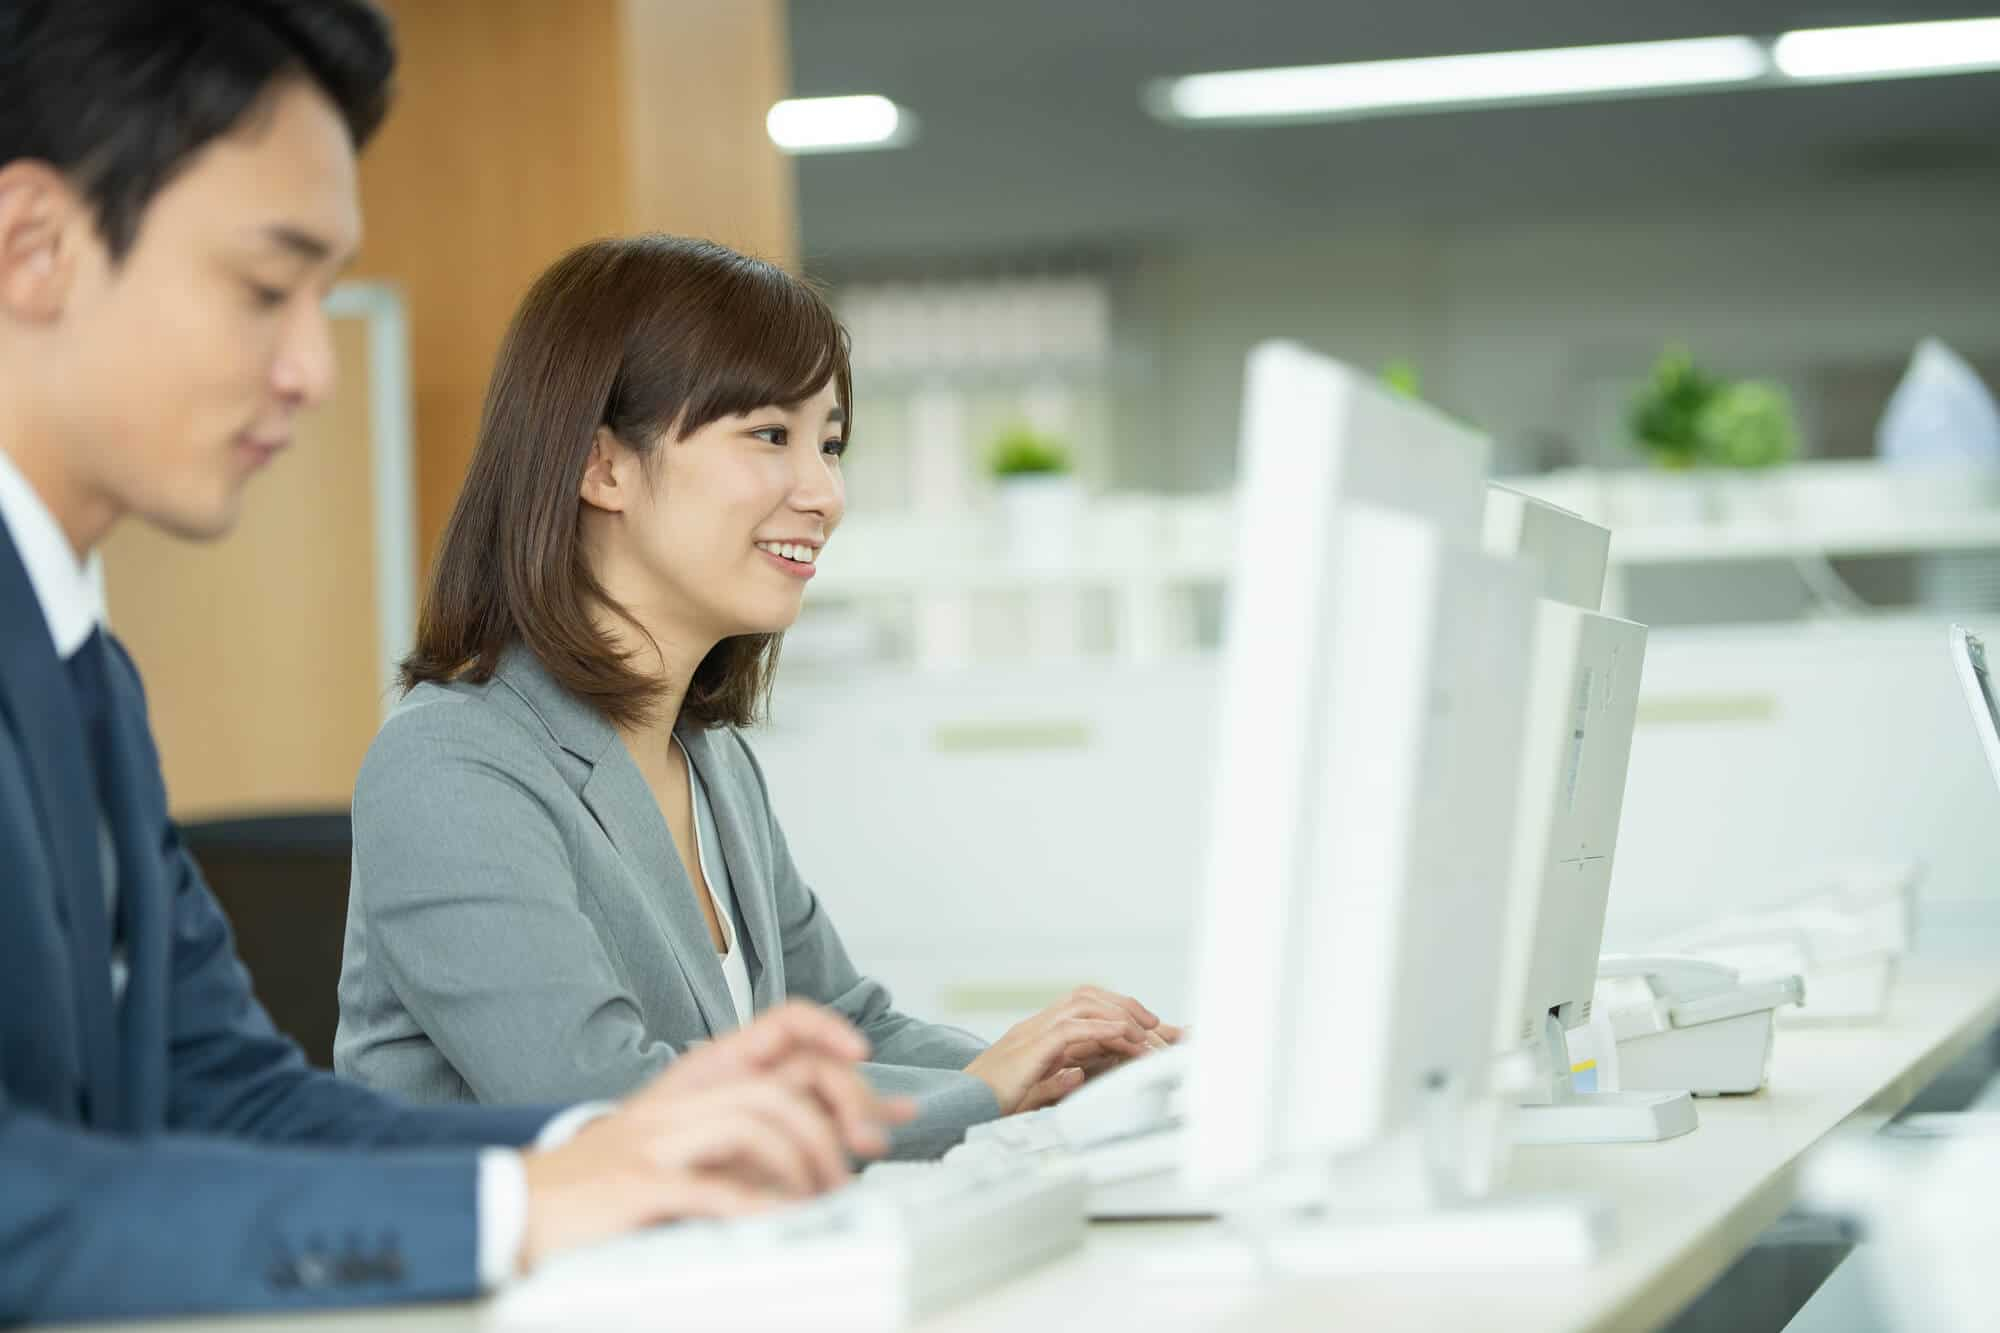 パソコンを操作する男性と女性